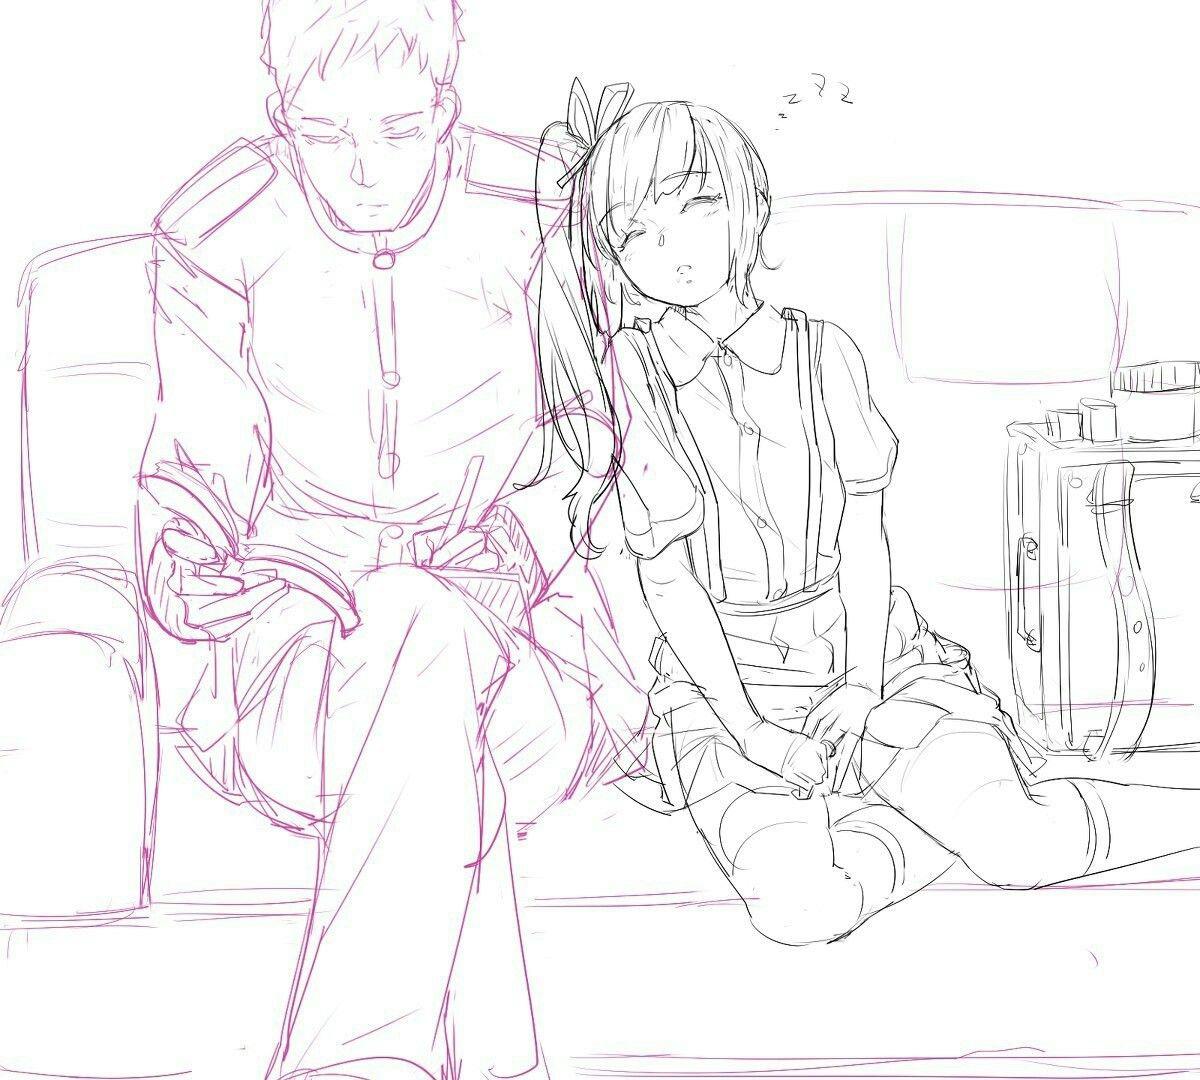 Sleeping Reference Couple Cute Kawaii Anime Manga How To Draw Drawing Sleeping Drawing Drawings Manga Drawing